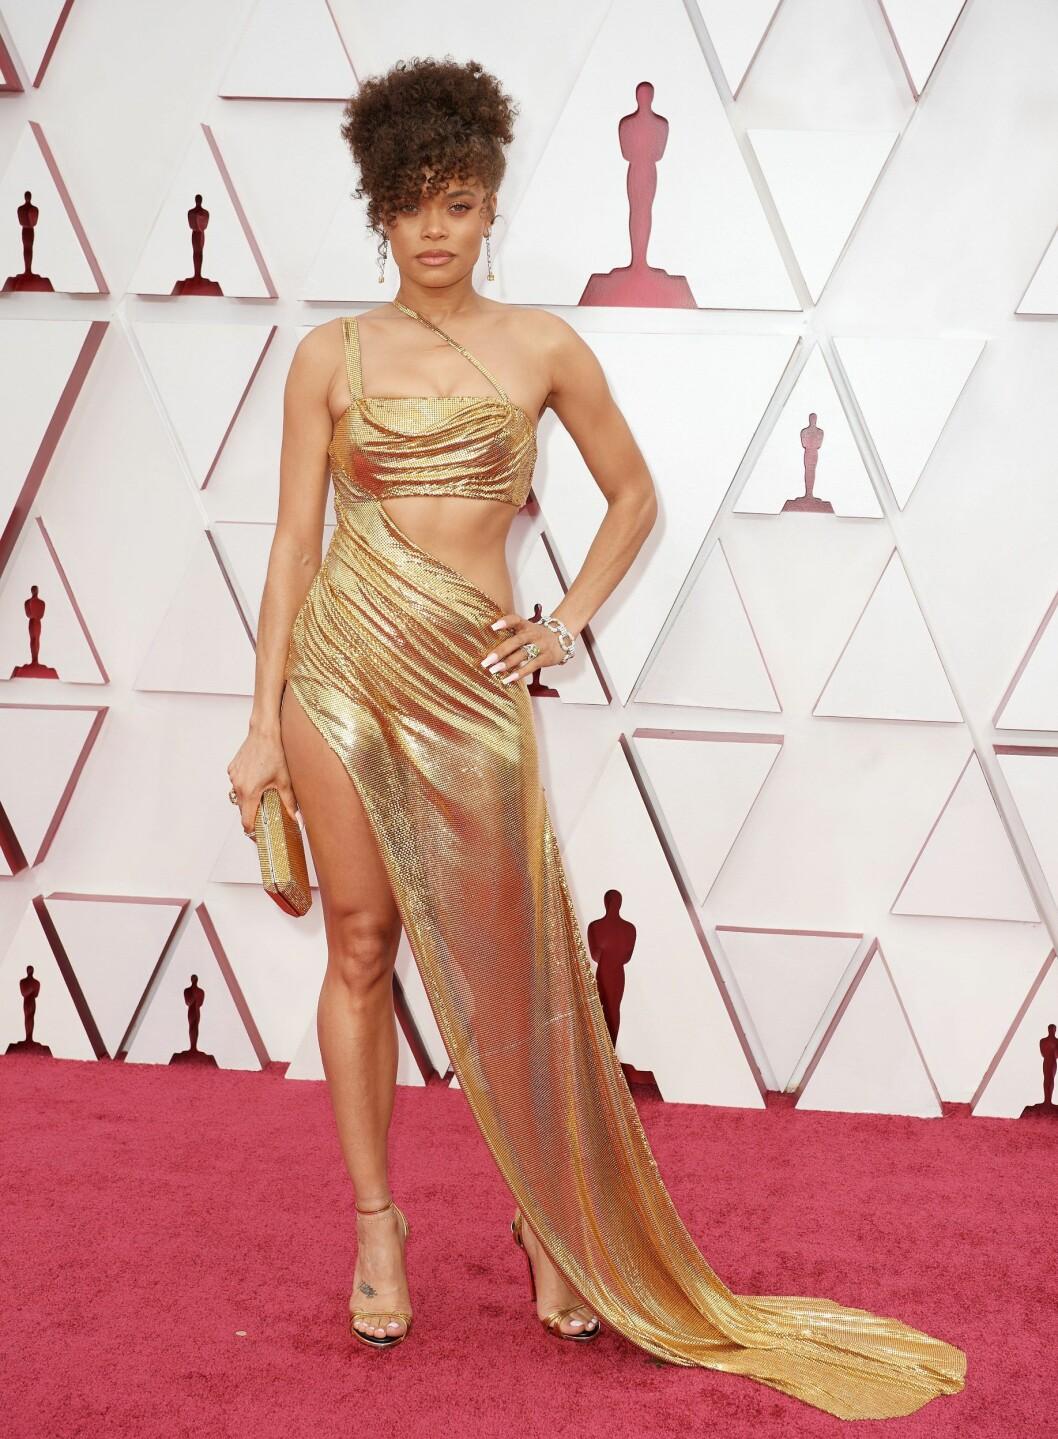 Andra Day med en guldig klänning av metall